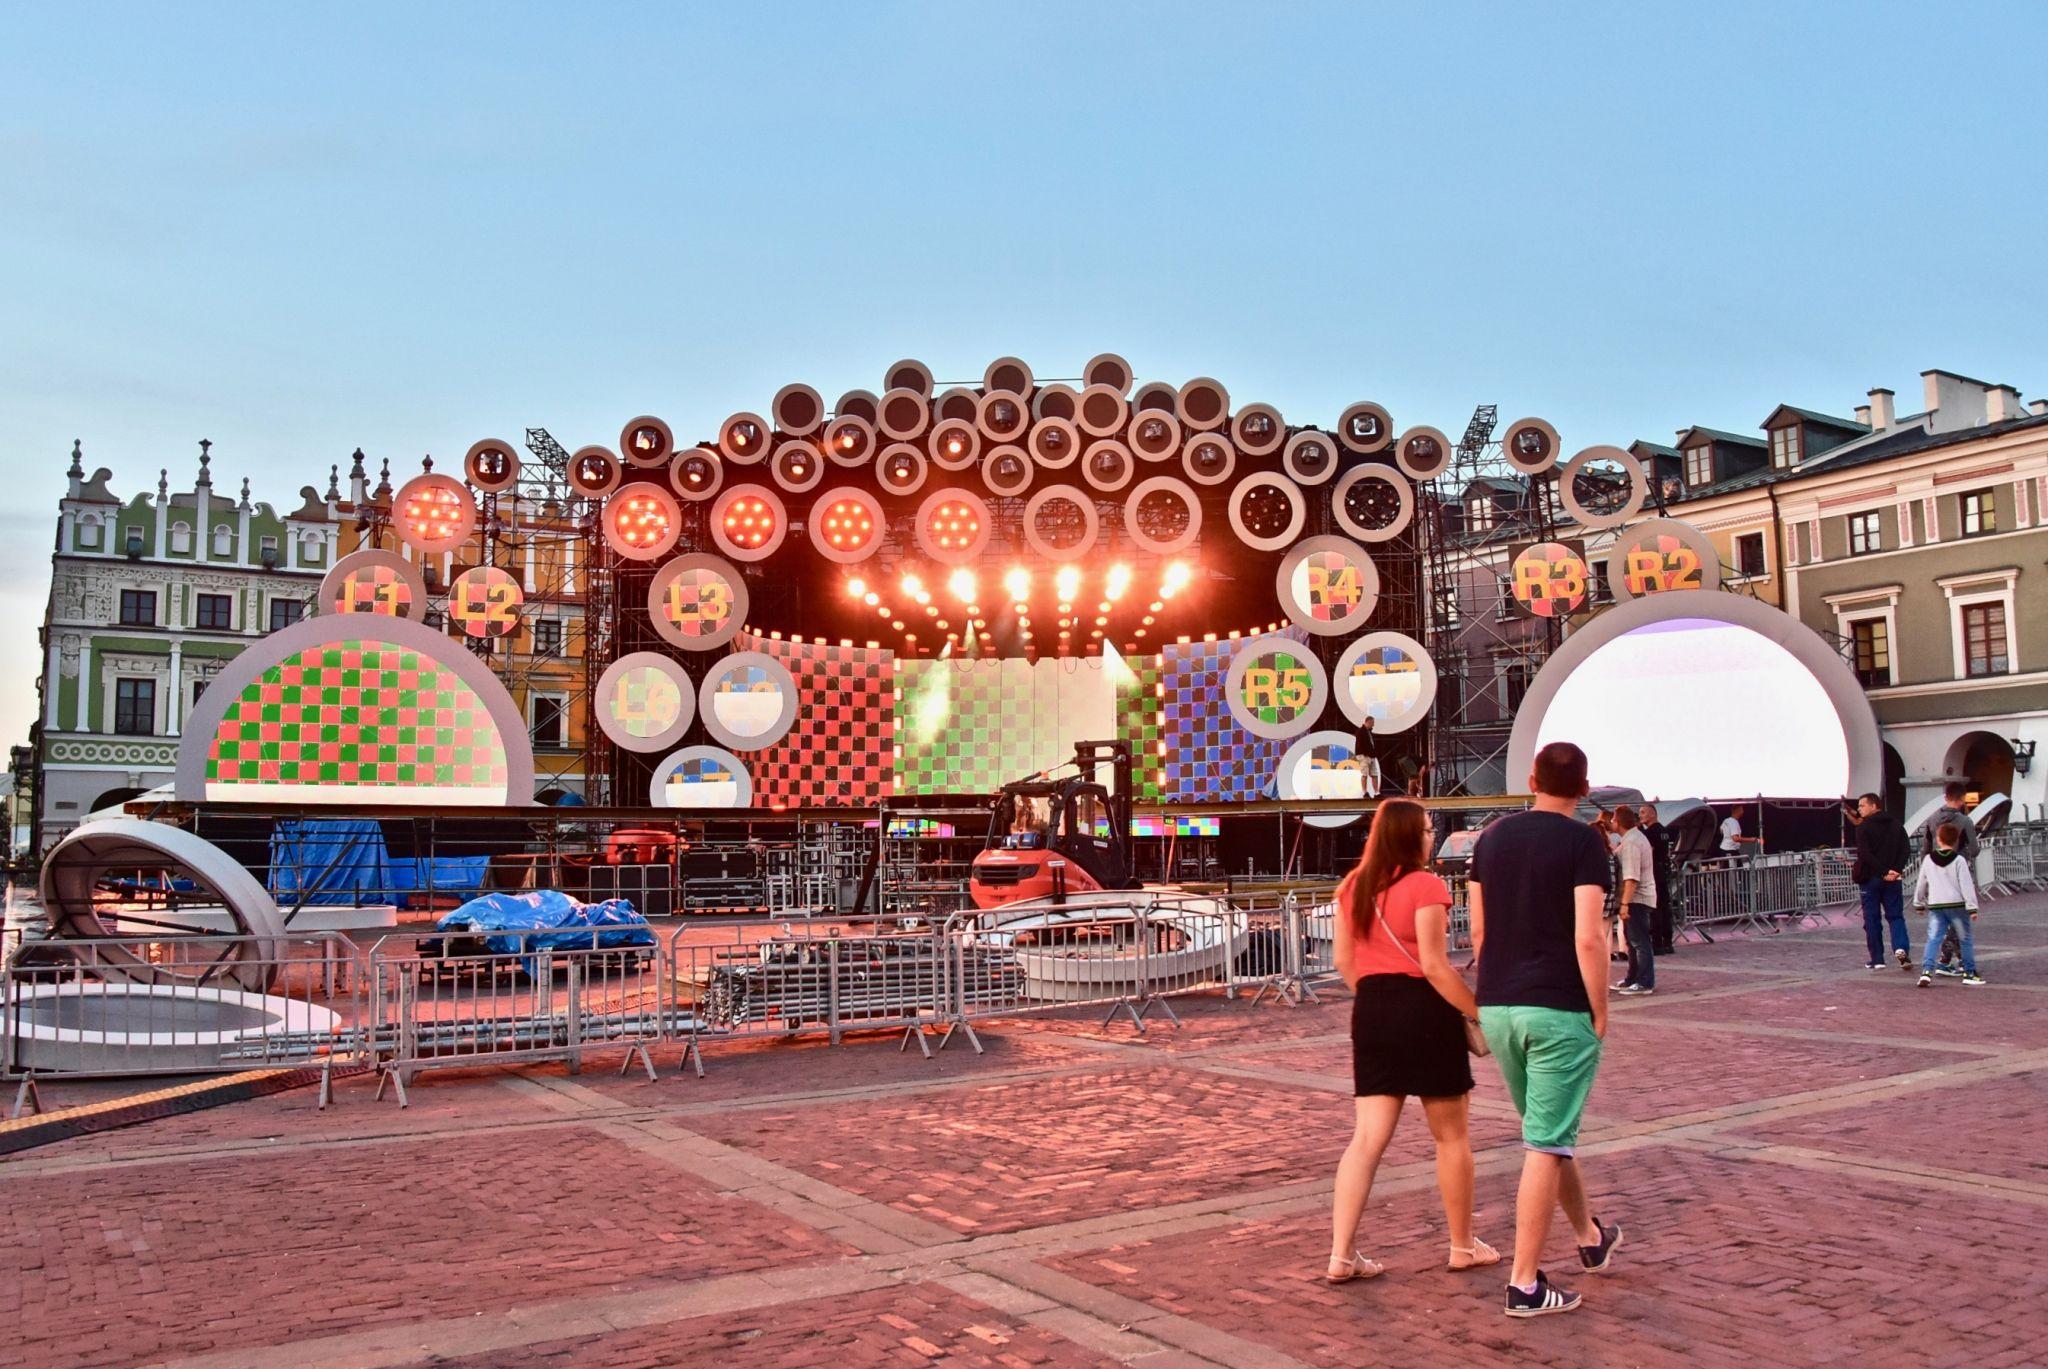 dsc 2990 Kolorowo na Rynku Wielkim - trwają próby oświetleniowe (zdjęcia)